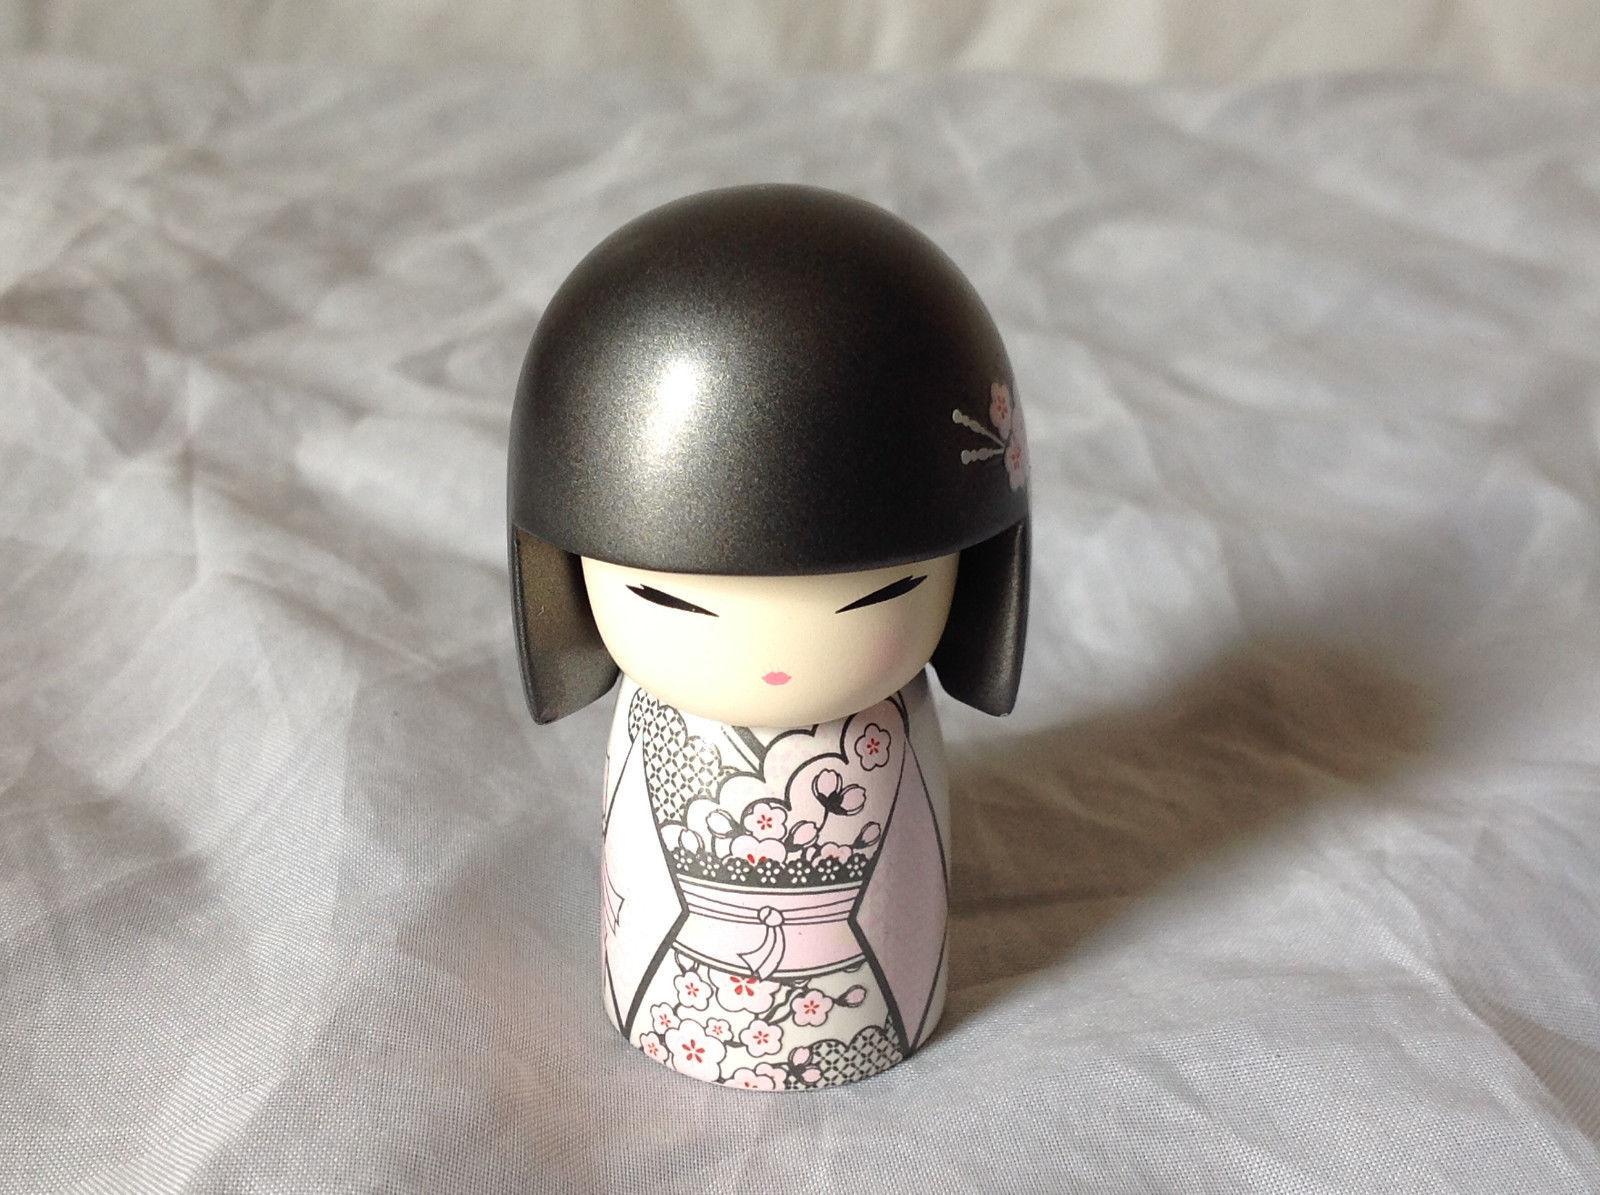 Yumika Kindness Kimmi Mini Doll Gray Metallic Hair White Clothes Asian Style